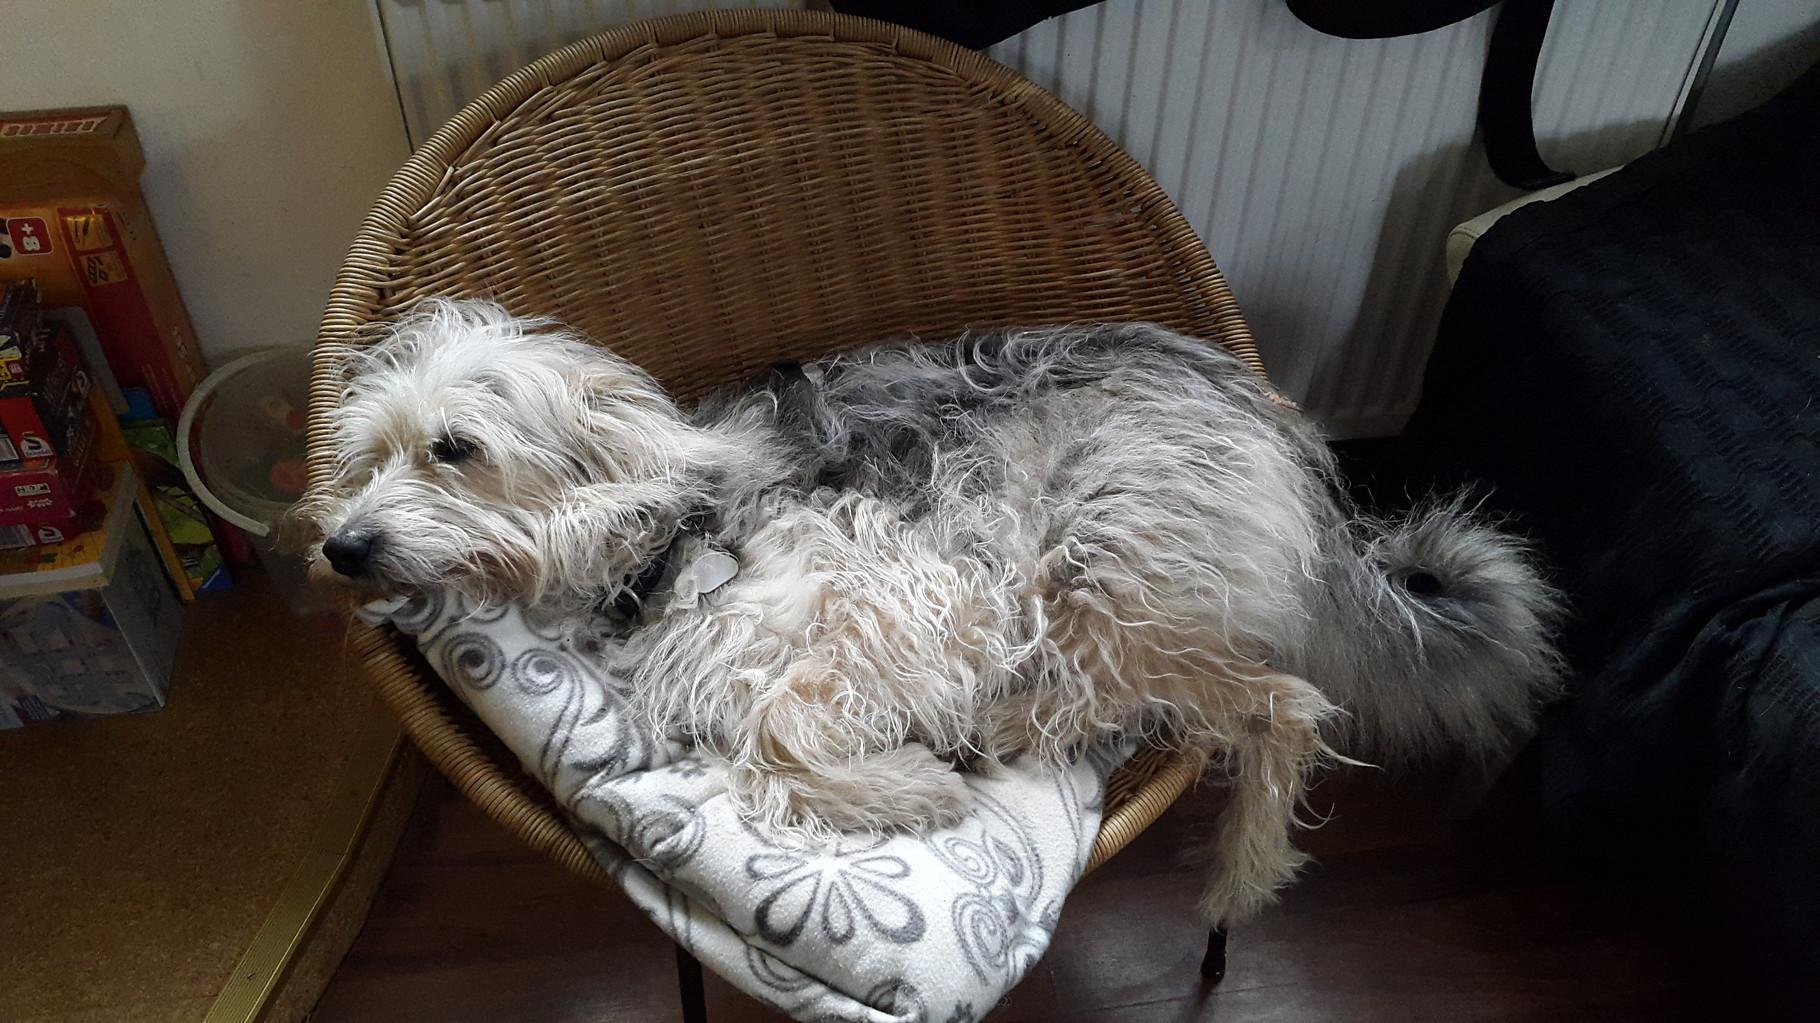 Sandro, 'mißglückter' Zuchtversuch (weiße Fellflecken und Krallen) eines ungarischen Hinterhofzüchters, der sich auf Cos und Picards 'spezialisiert' hatte. Er wurde als Kettenhund verscherbelt und kam über einen Tierschutzverein, völlig verängstigt, ...